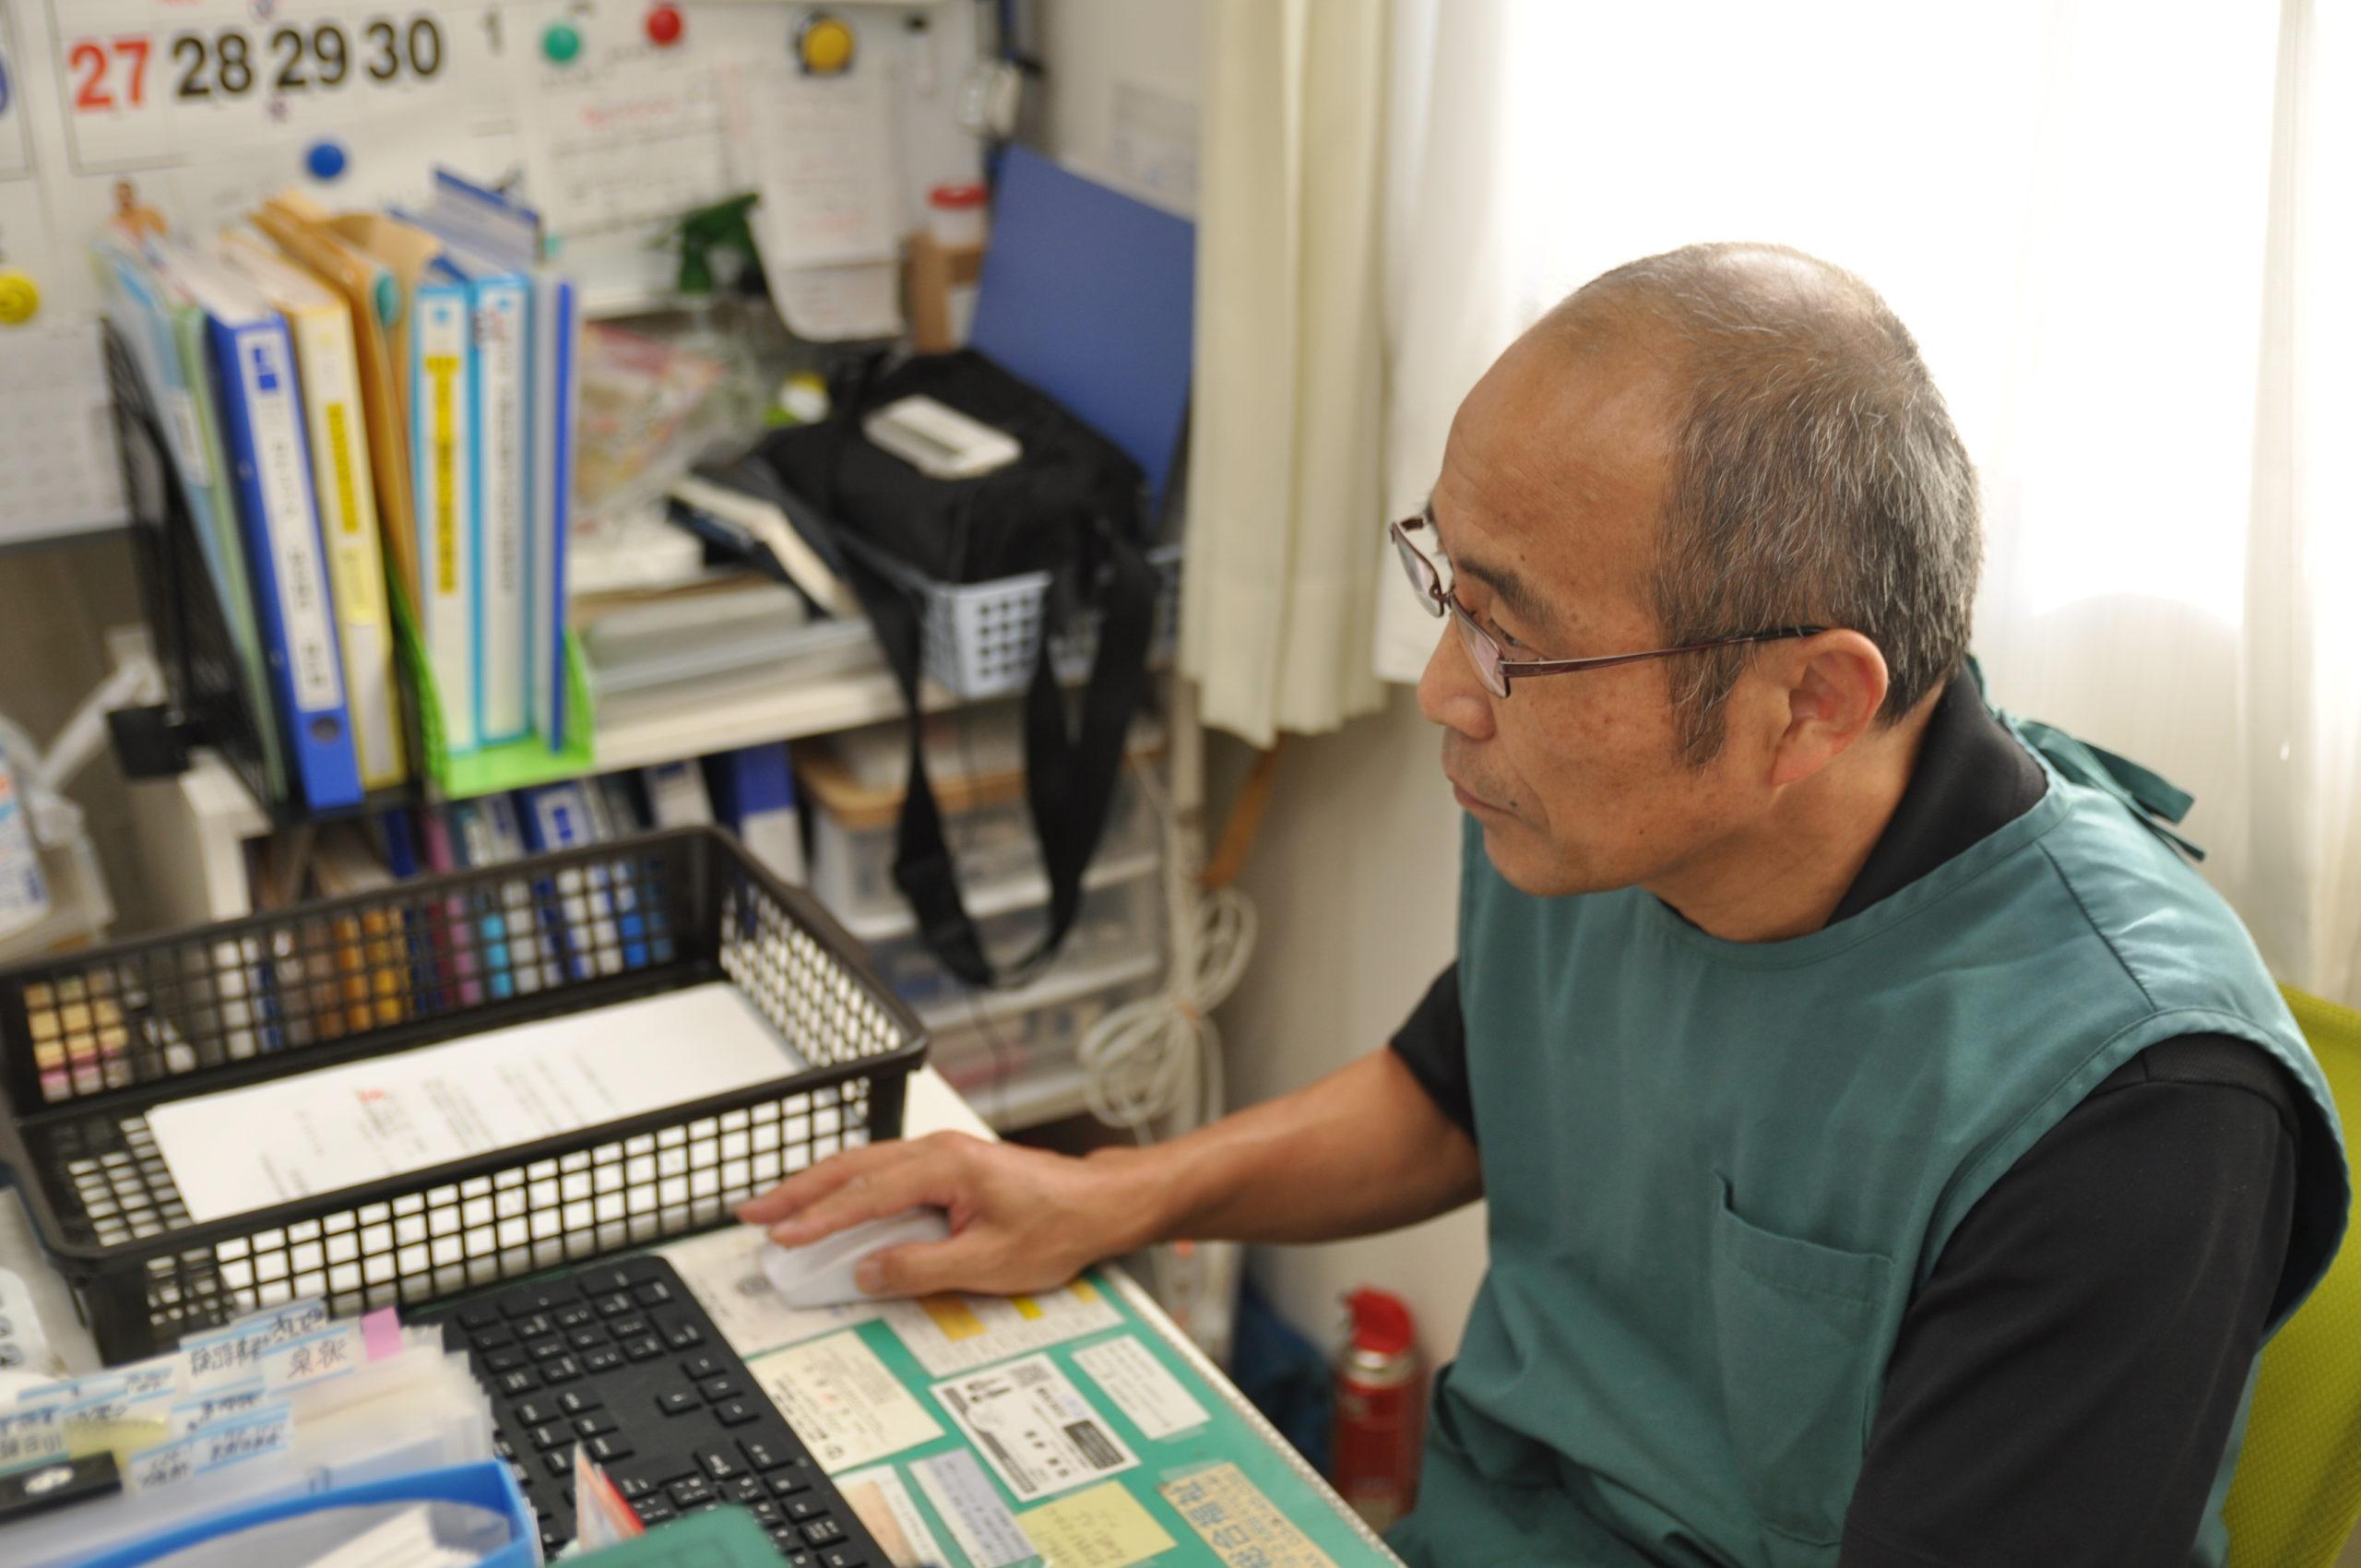 愛・グループホーム富沢<br>管理者 安藤 さん イメージ